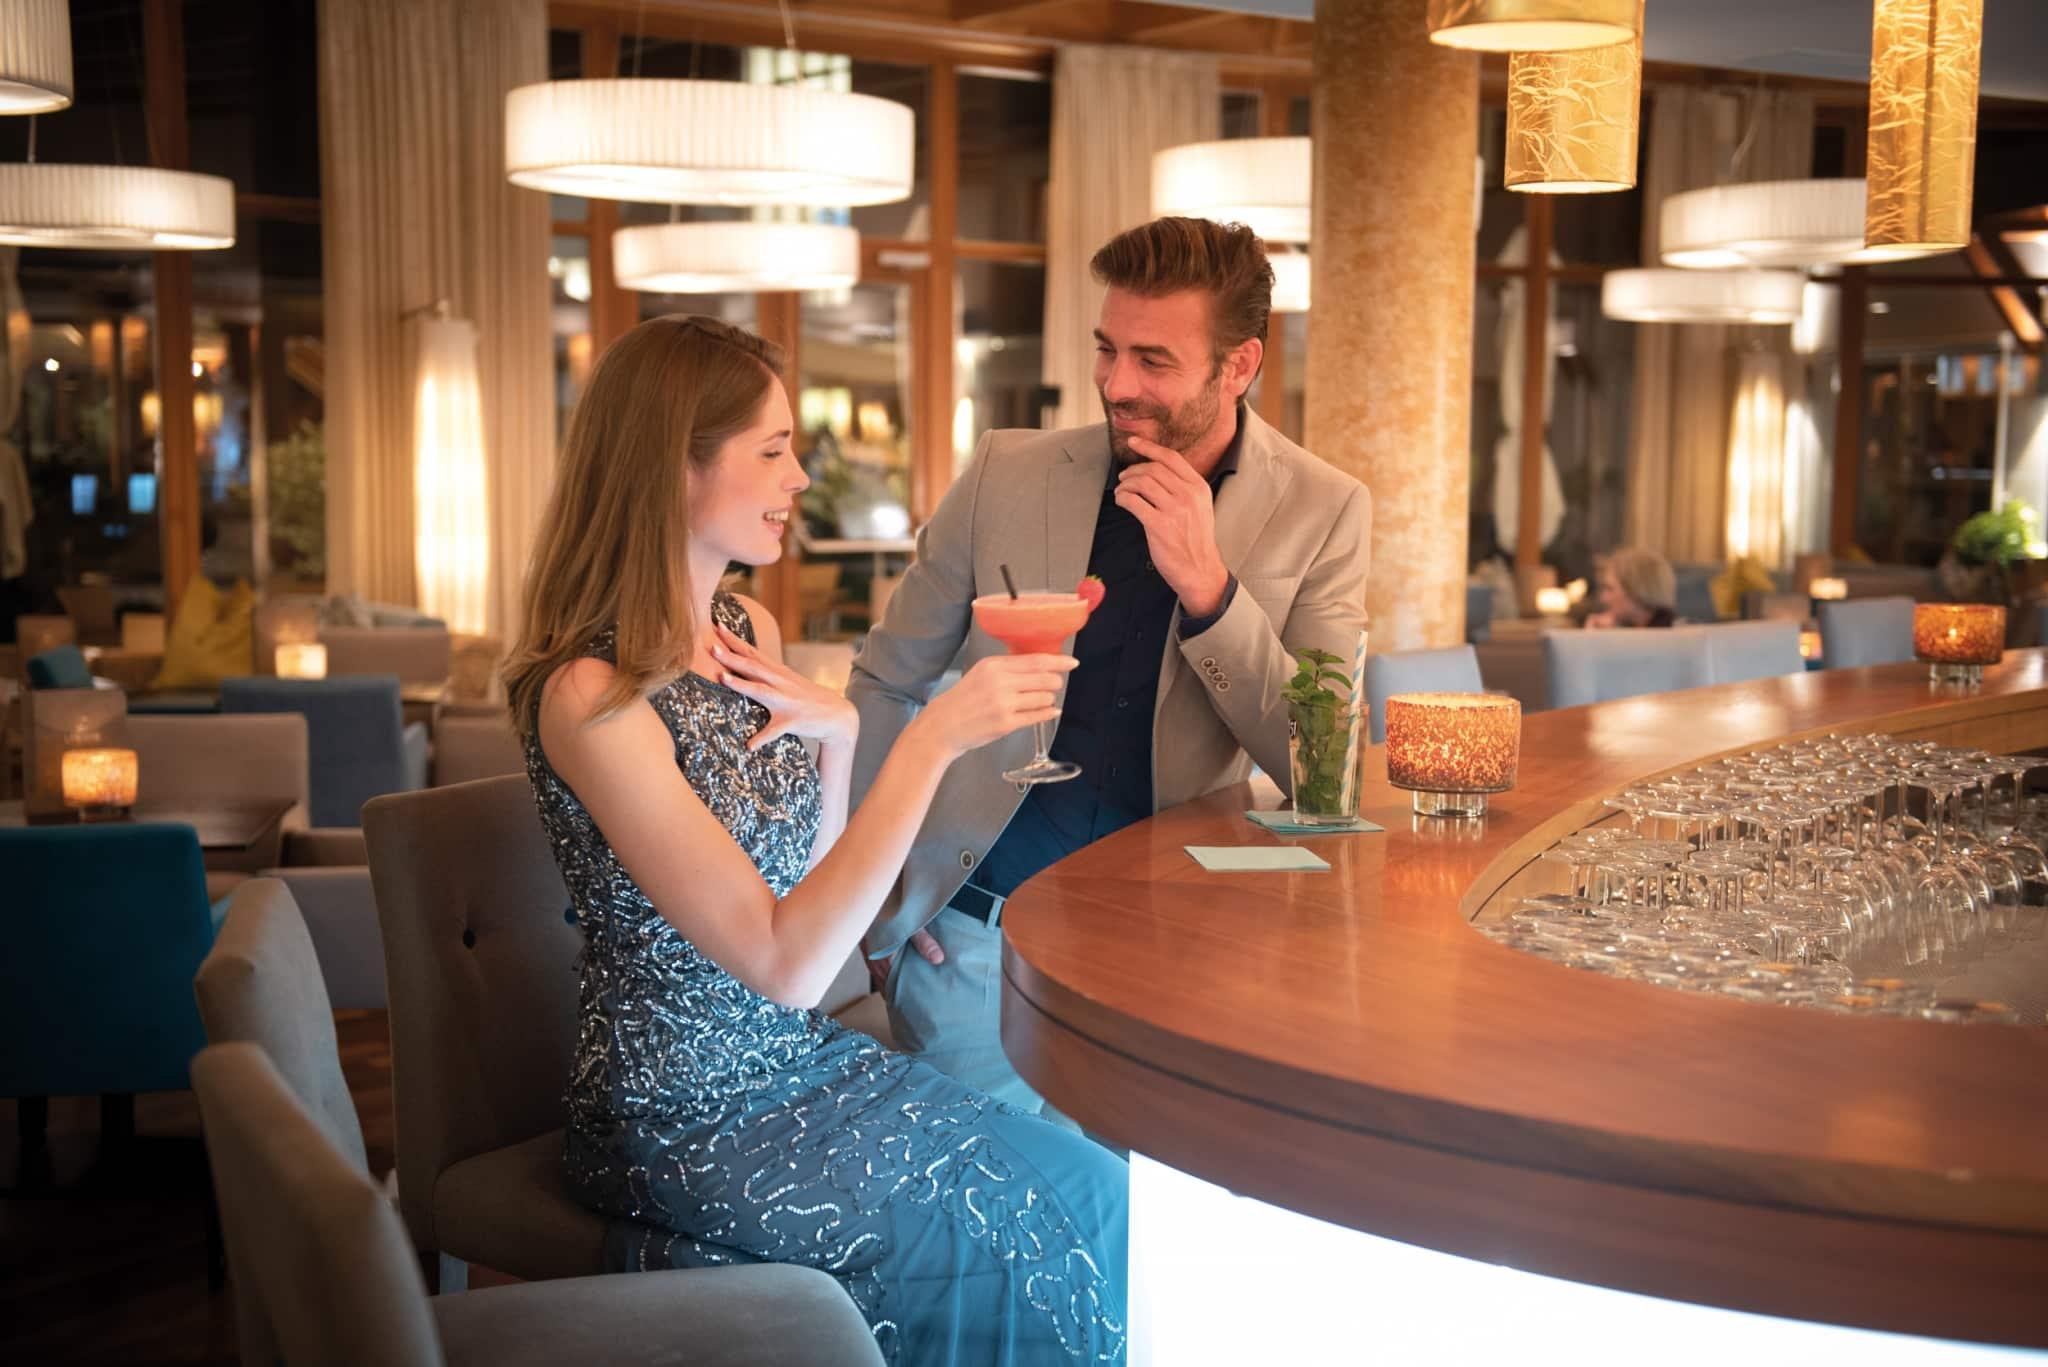 Köstliche Cocktails an der Hotelbar mit guter Unterhaltung